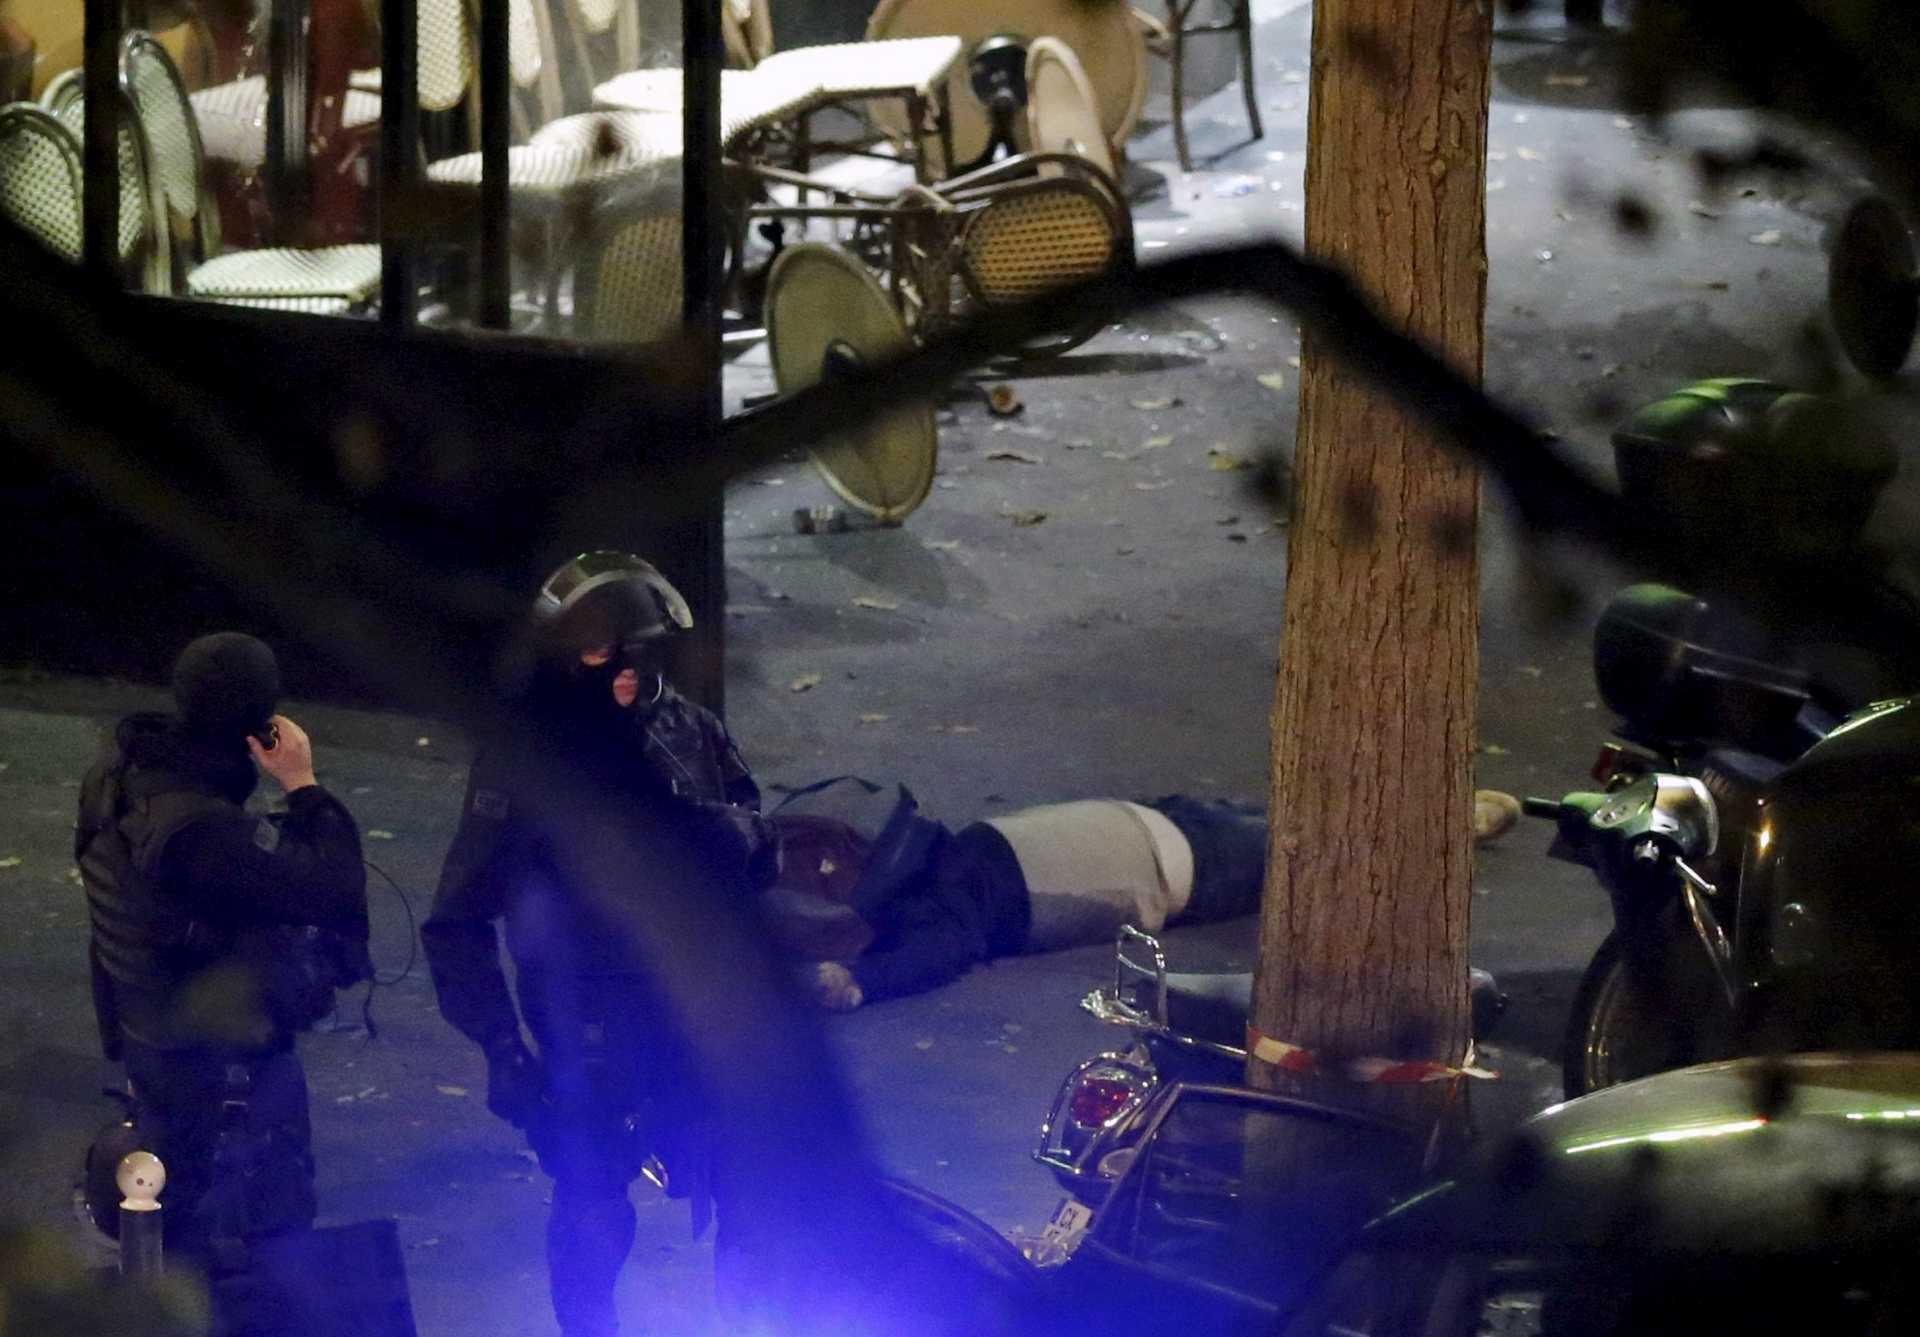 Oito terroristas mortos nos ataques de Paris após atentados que mataram mais de 140 pessoas Ng5162309